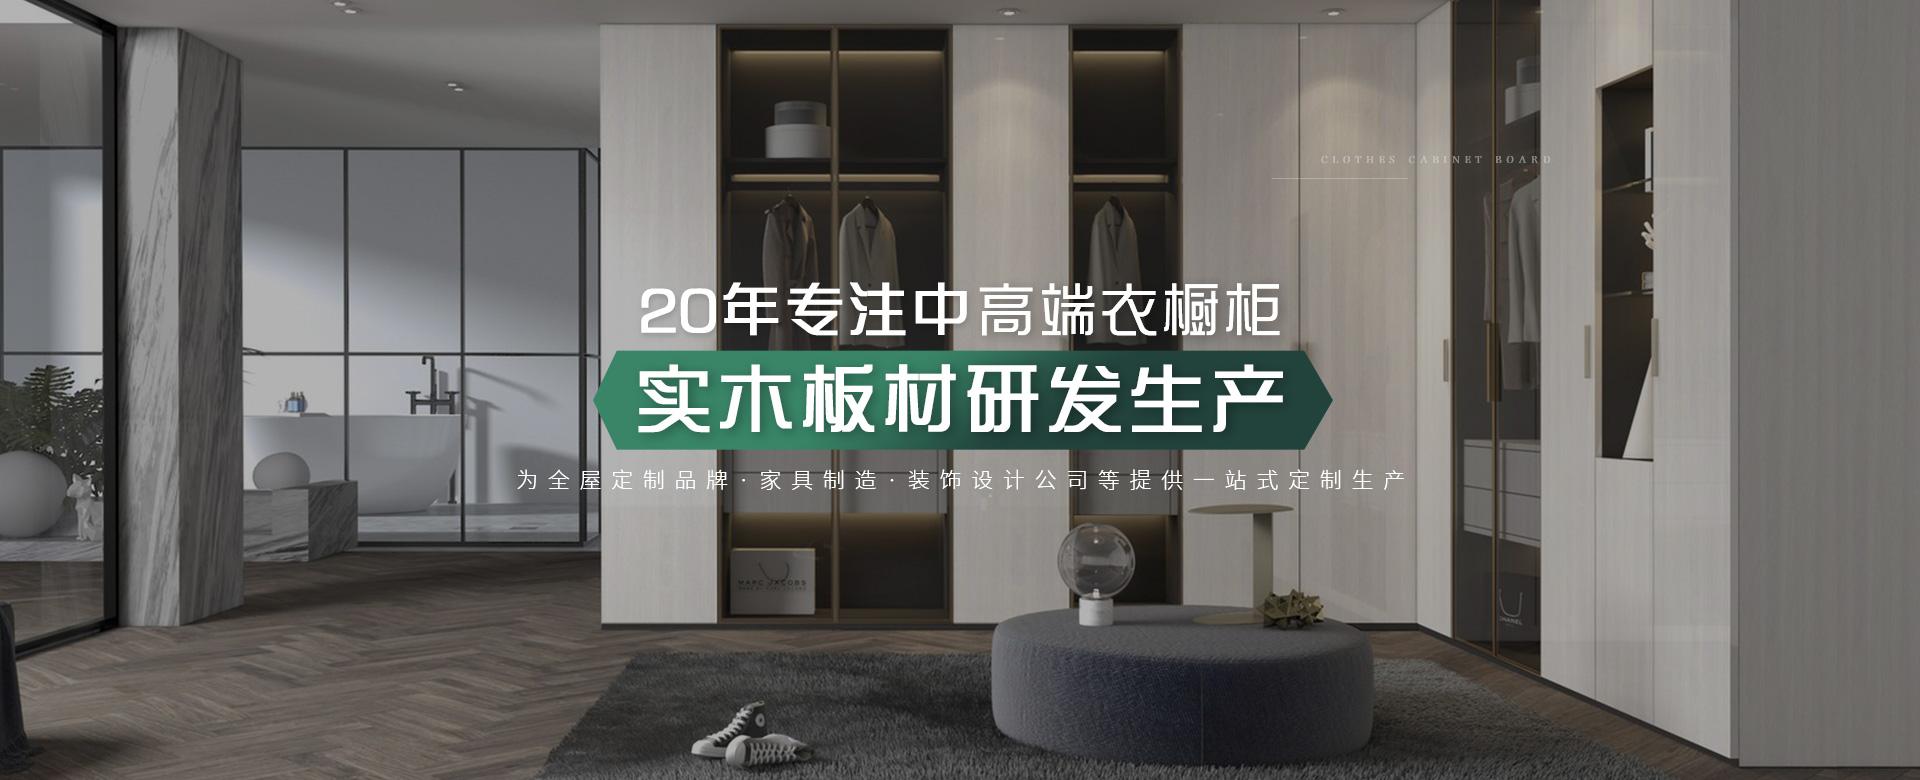 松博宇-为全屋定制品牌、家具制造、装饰设计公司等提供一站式定制生产